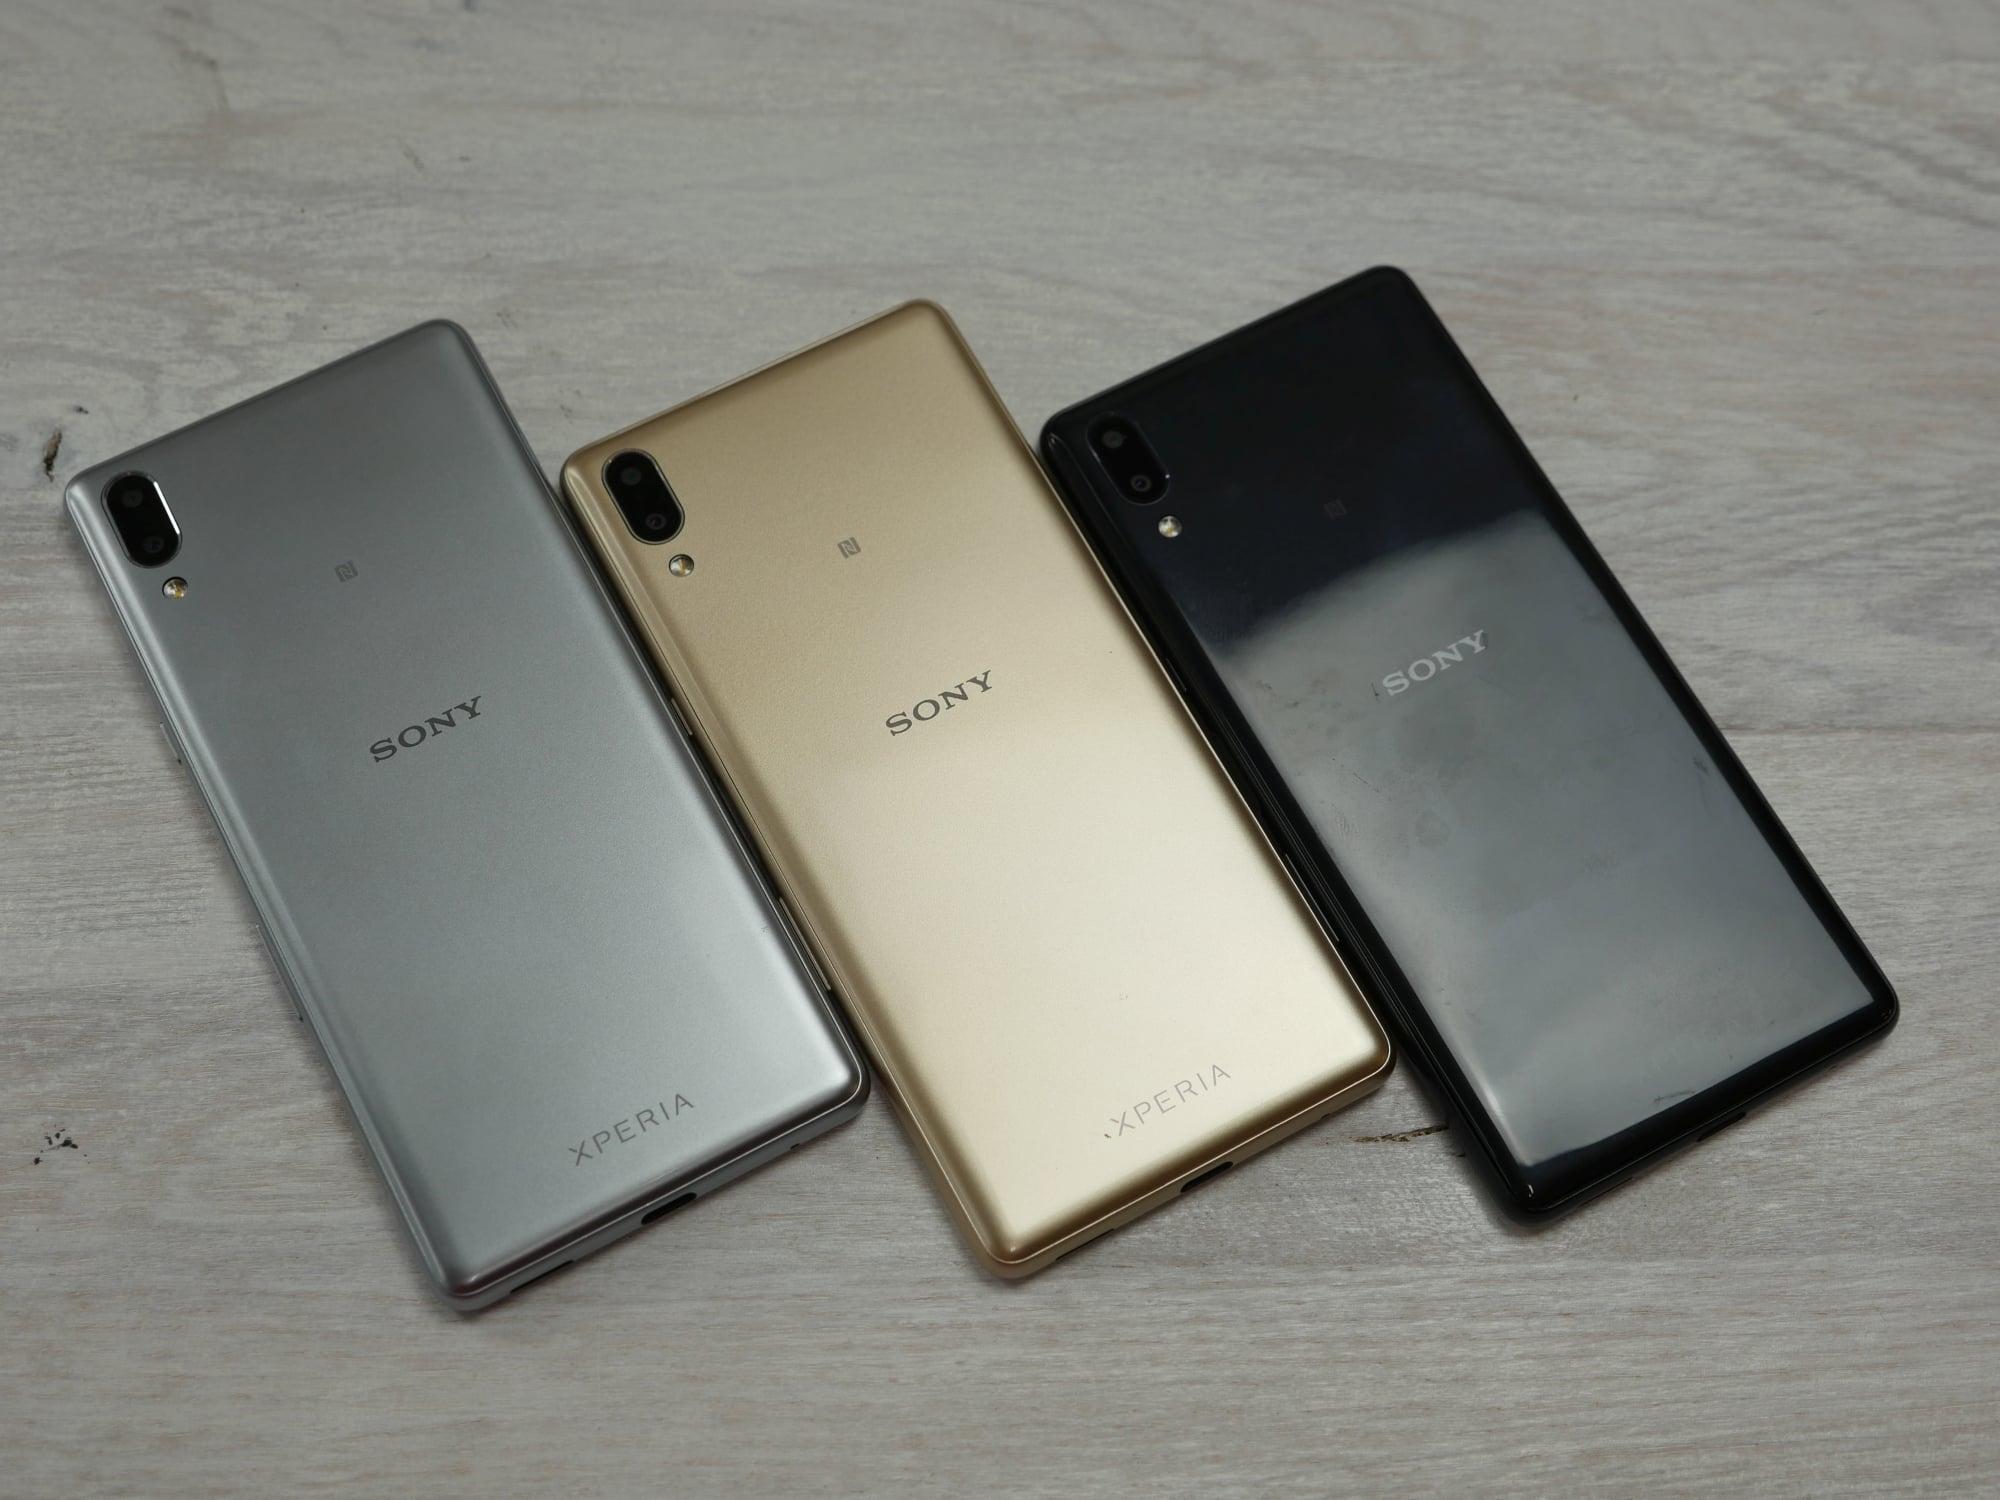 smartfon Sony Xperia L3 smartphone